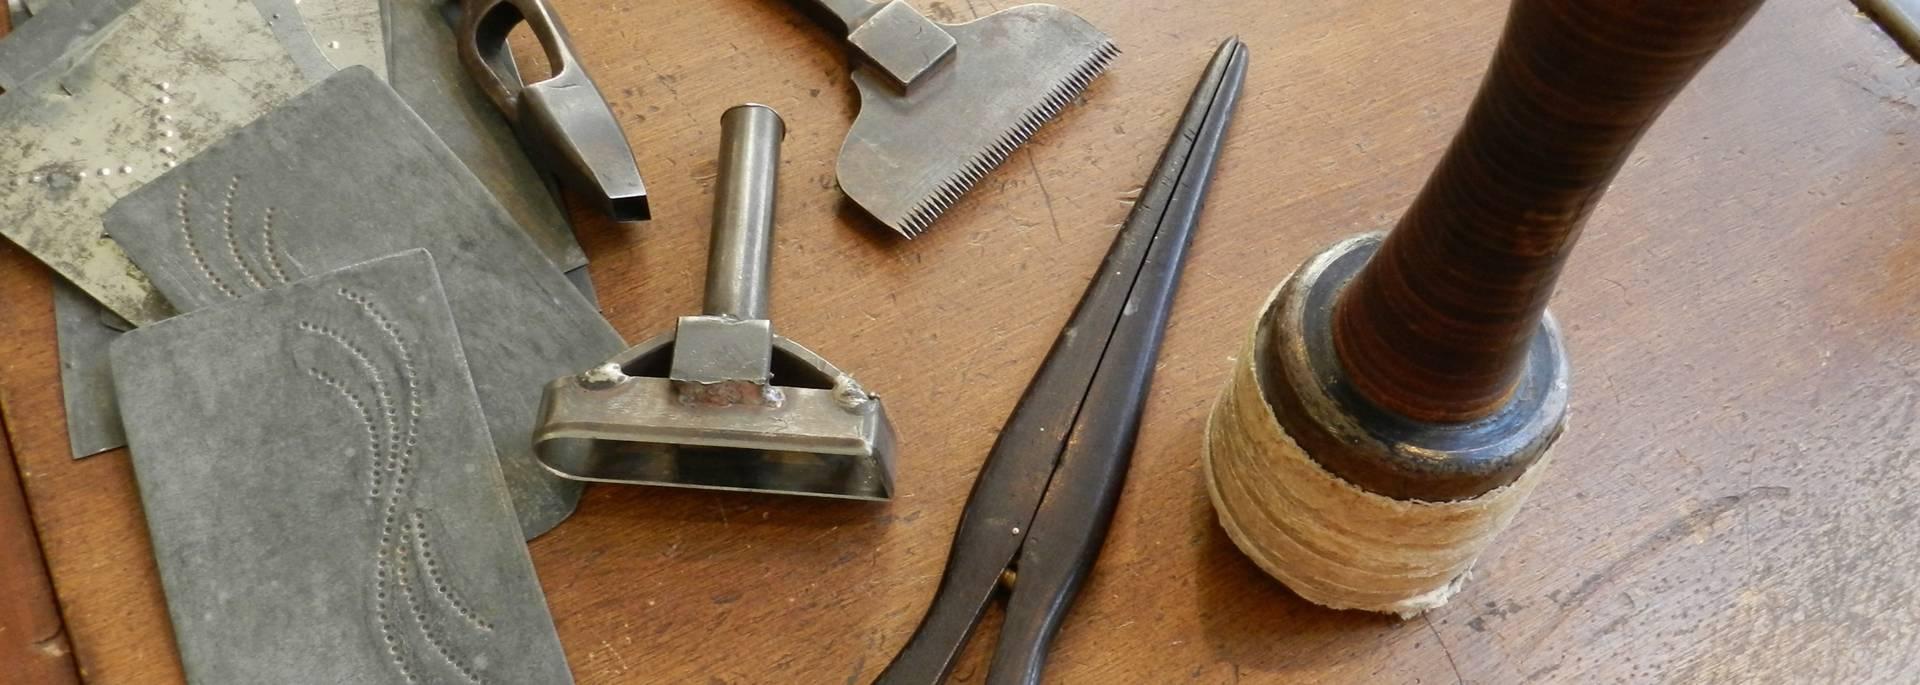 Les outils à travers l'histoire de la ganterie.